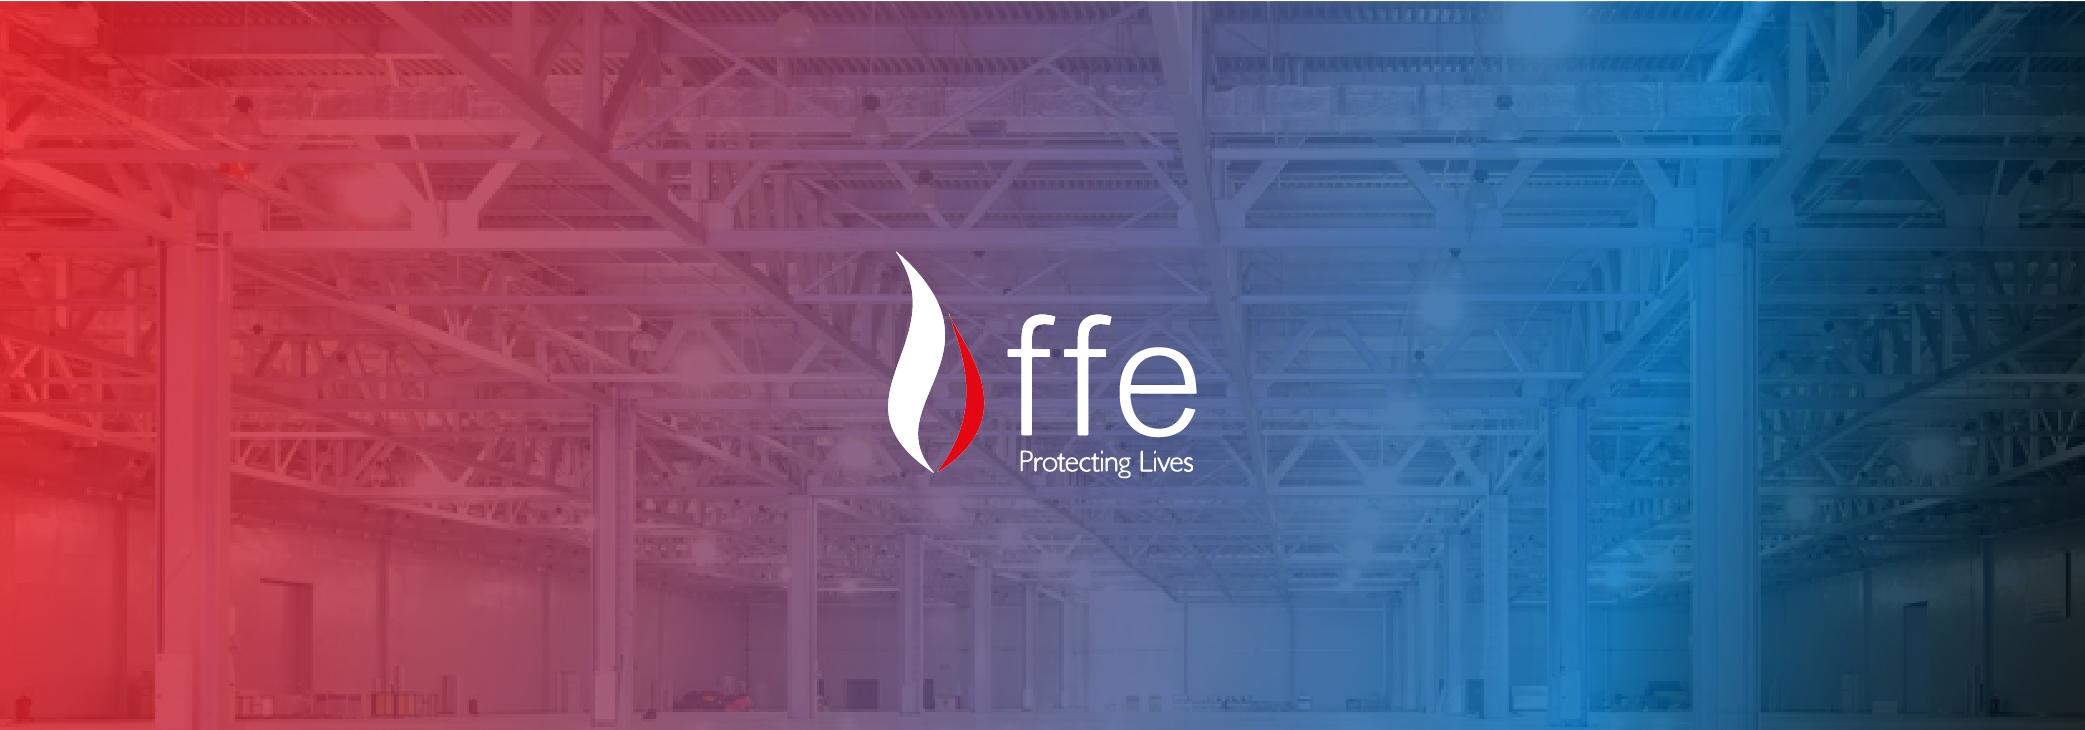 Detetores de fumo por feixe ótico e detetores de chama   FFE